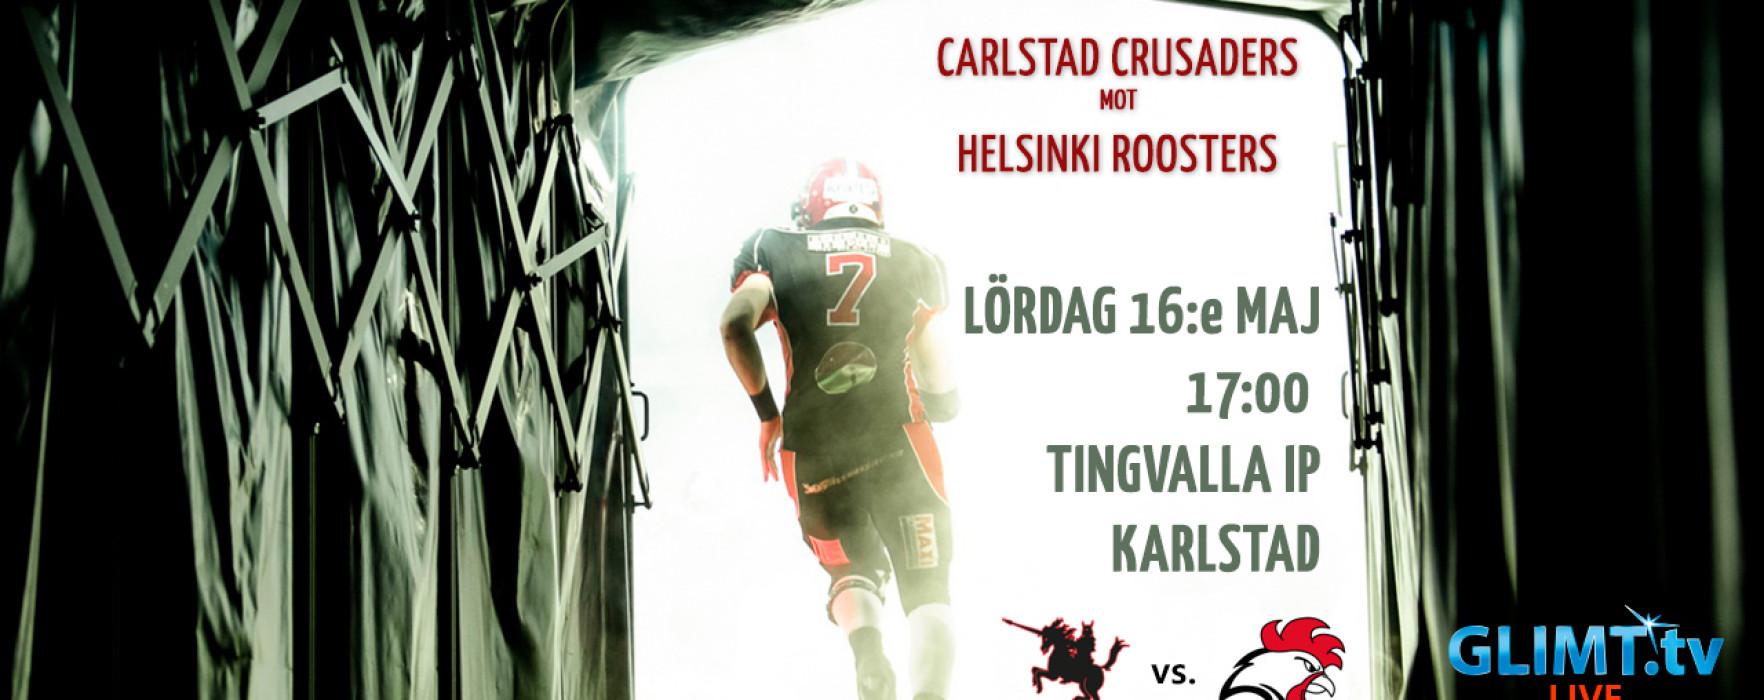 Carlstad Crusaders – Helsinki Roosters